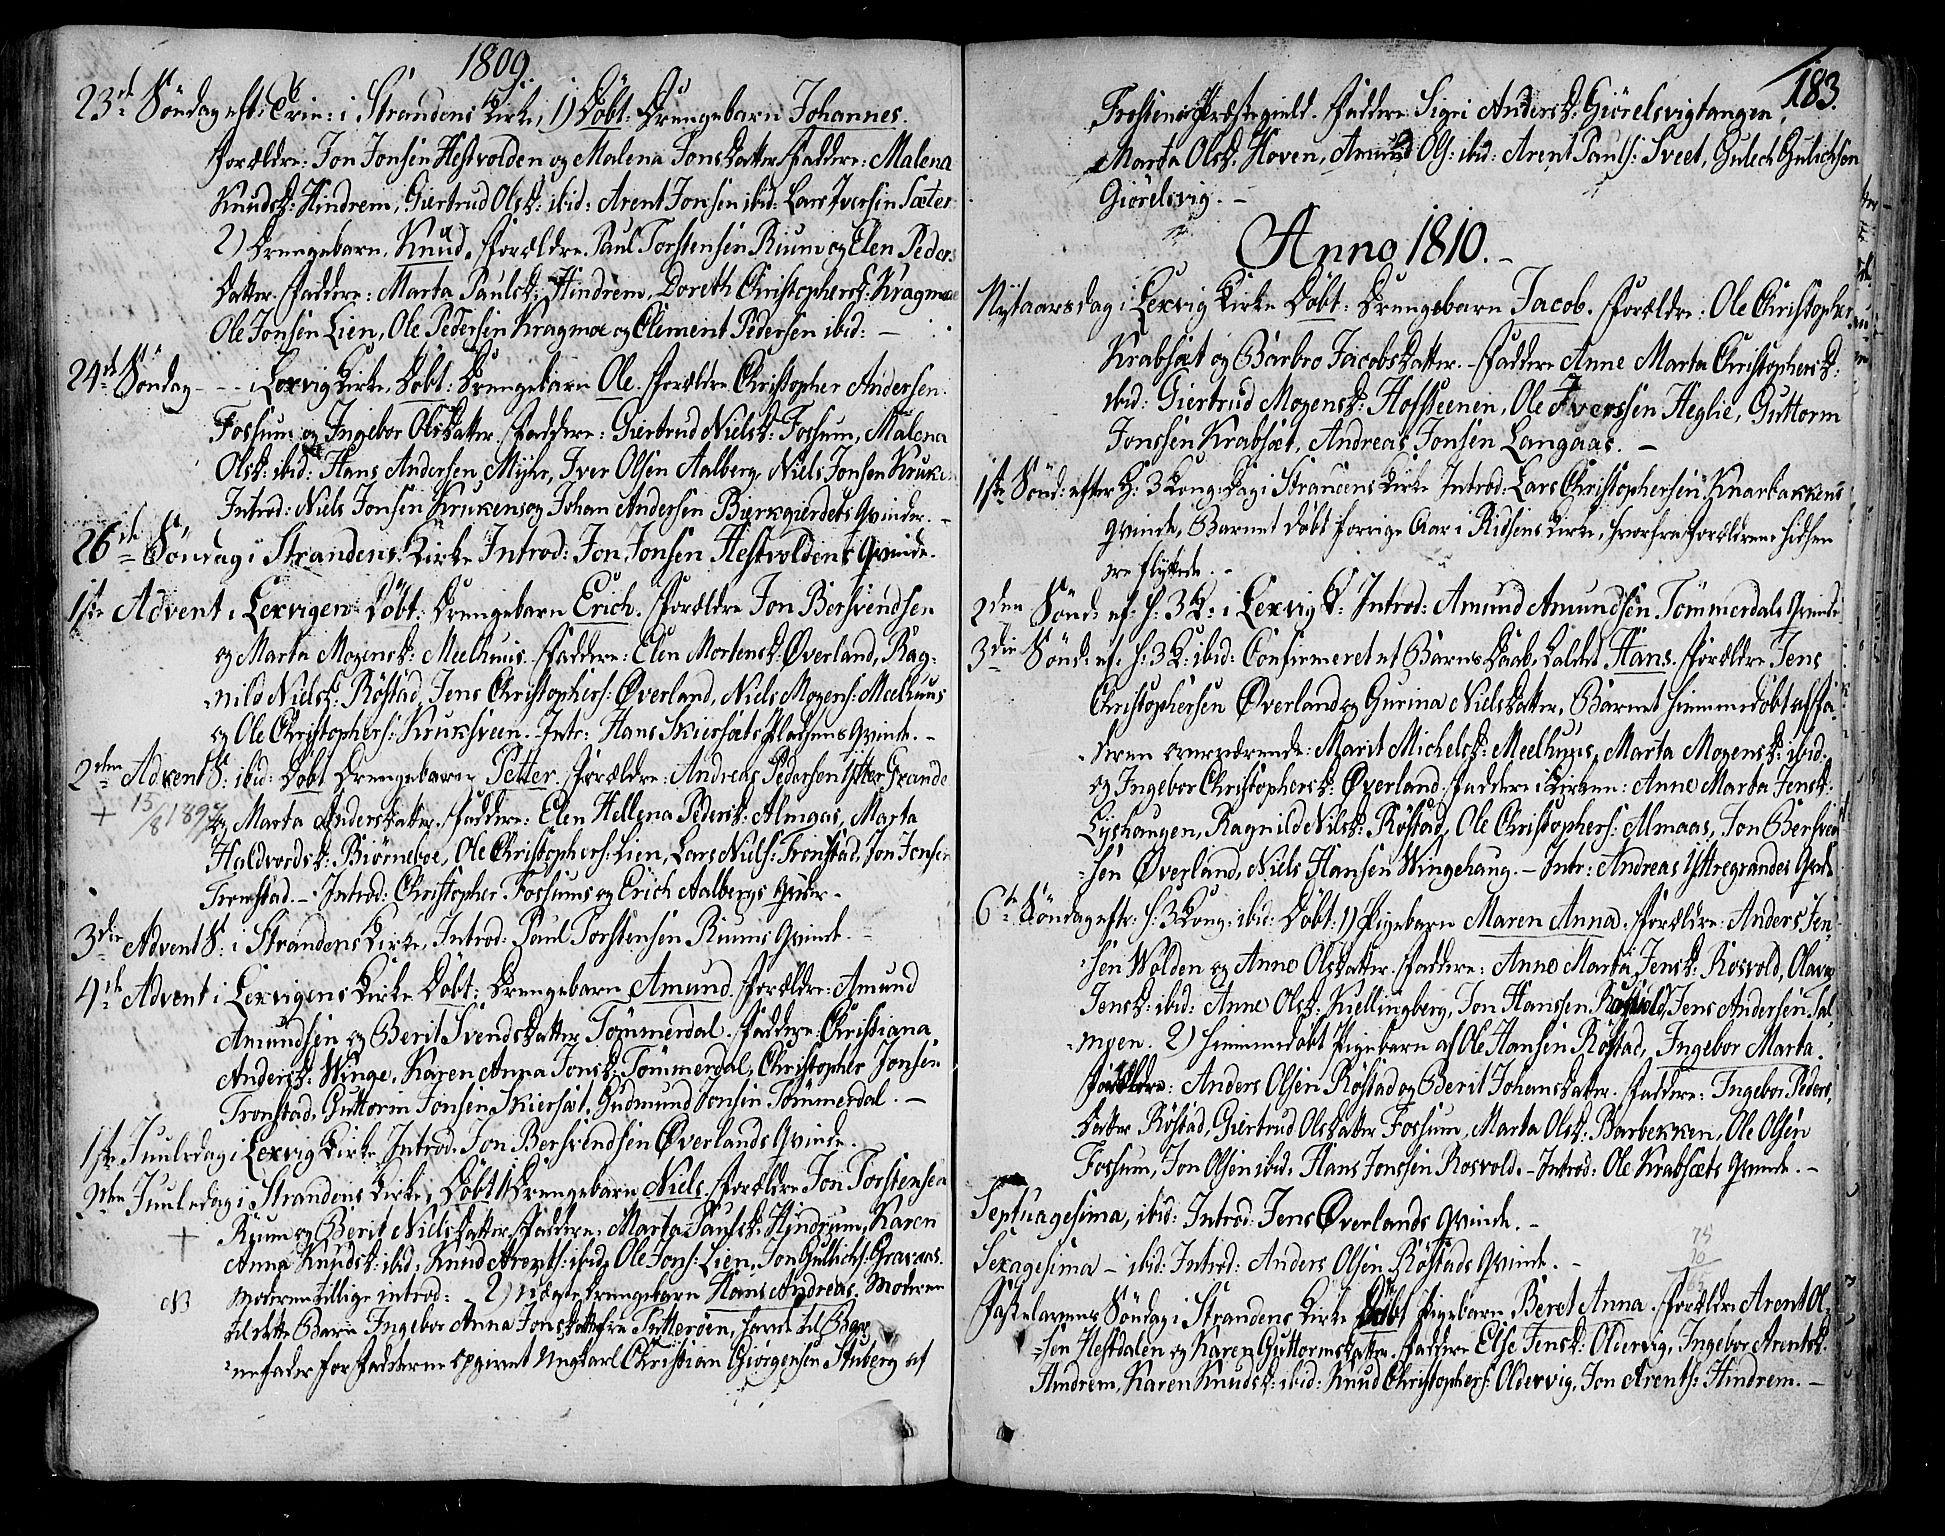 SAT, Ministerialprotokoller, klokkerbøker og fødselsregistre - Nord-Trøndelag, 701/L0004: Ministerialbok nr. 701A04, 1783-1816, s. 183